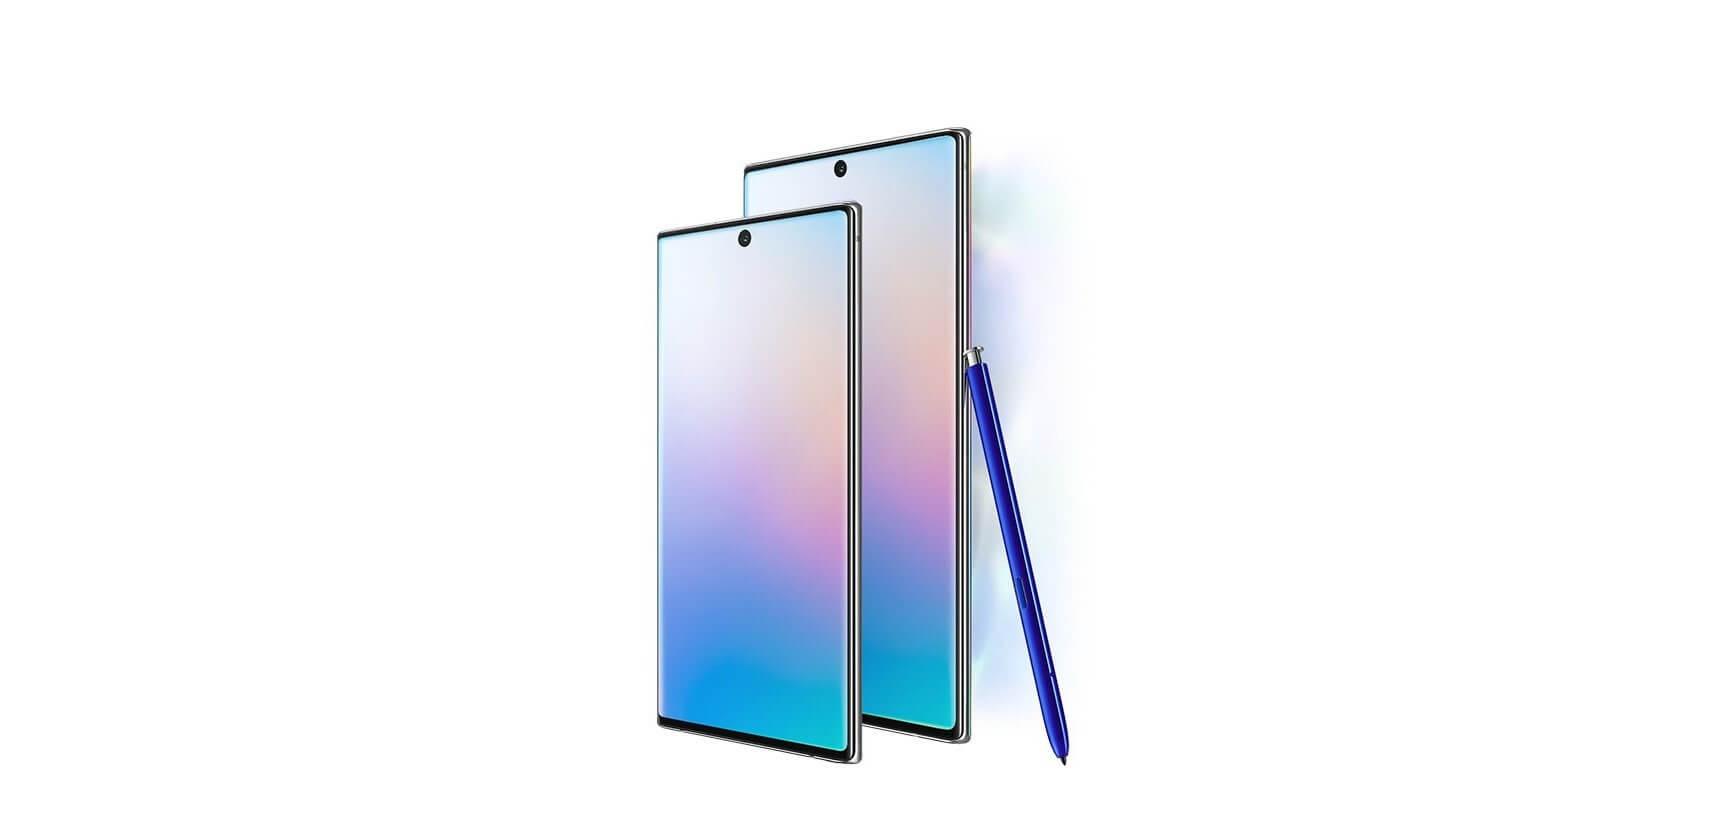 ตระกูลมือถือใหม่ของ Samsung Galaxy F62 ระดับราคากลาง ๆ เน้นความสามารถของกล้องถ่ายภาพ